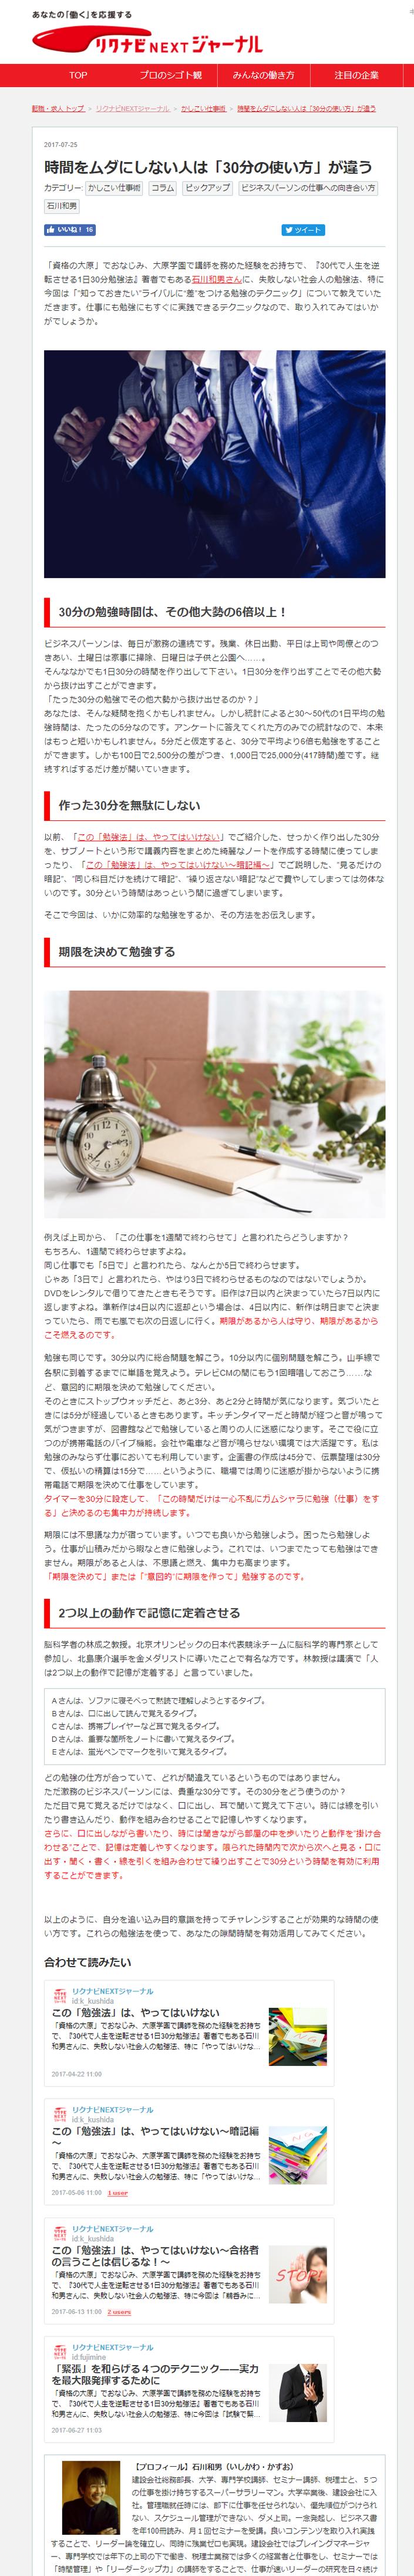 リクナビNEXTジャーナル 大原専門学校 30分勉強法 石川和男